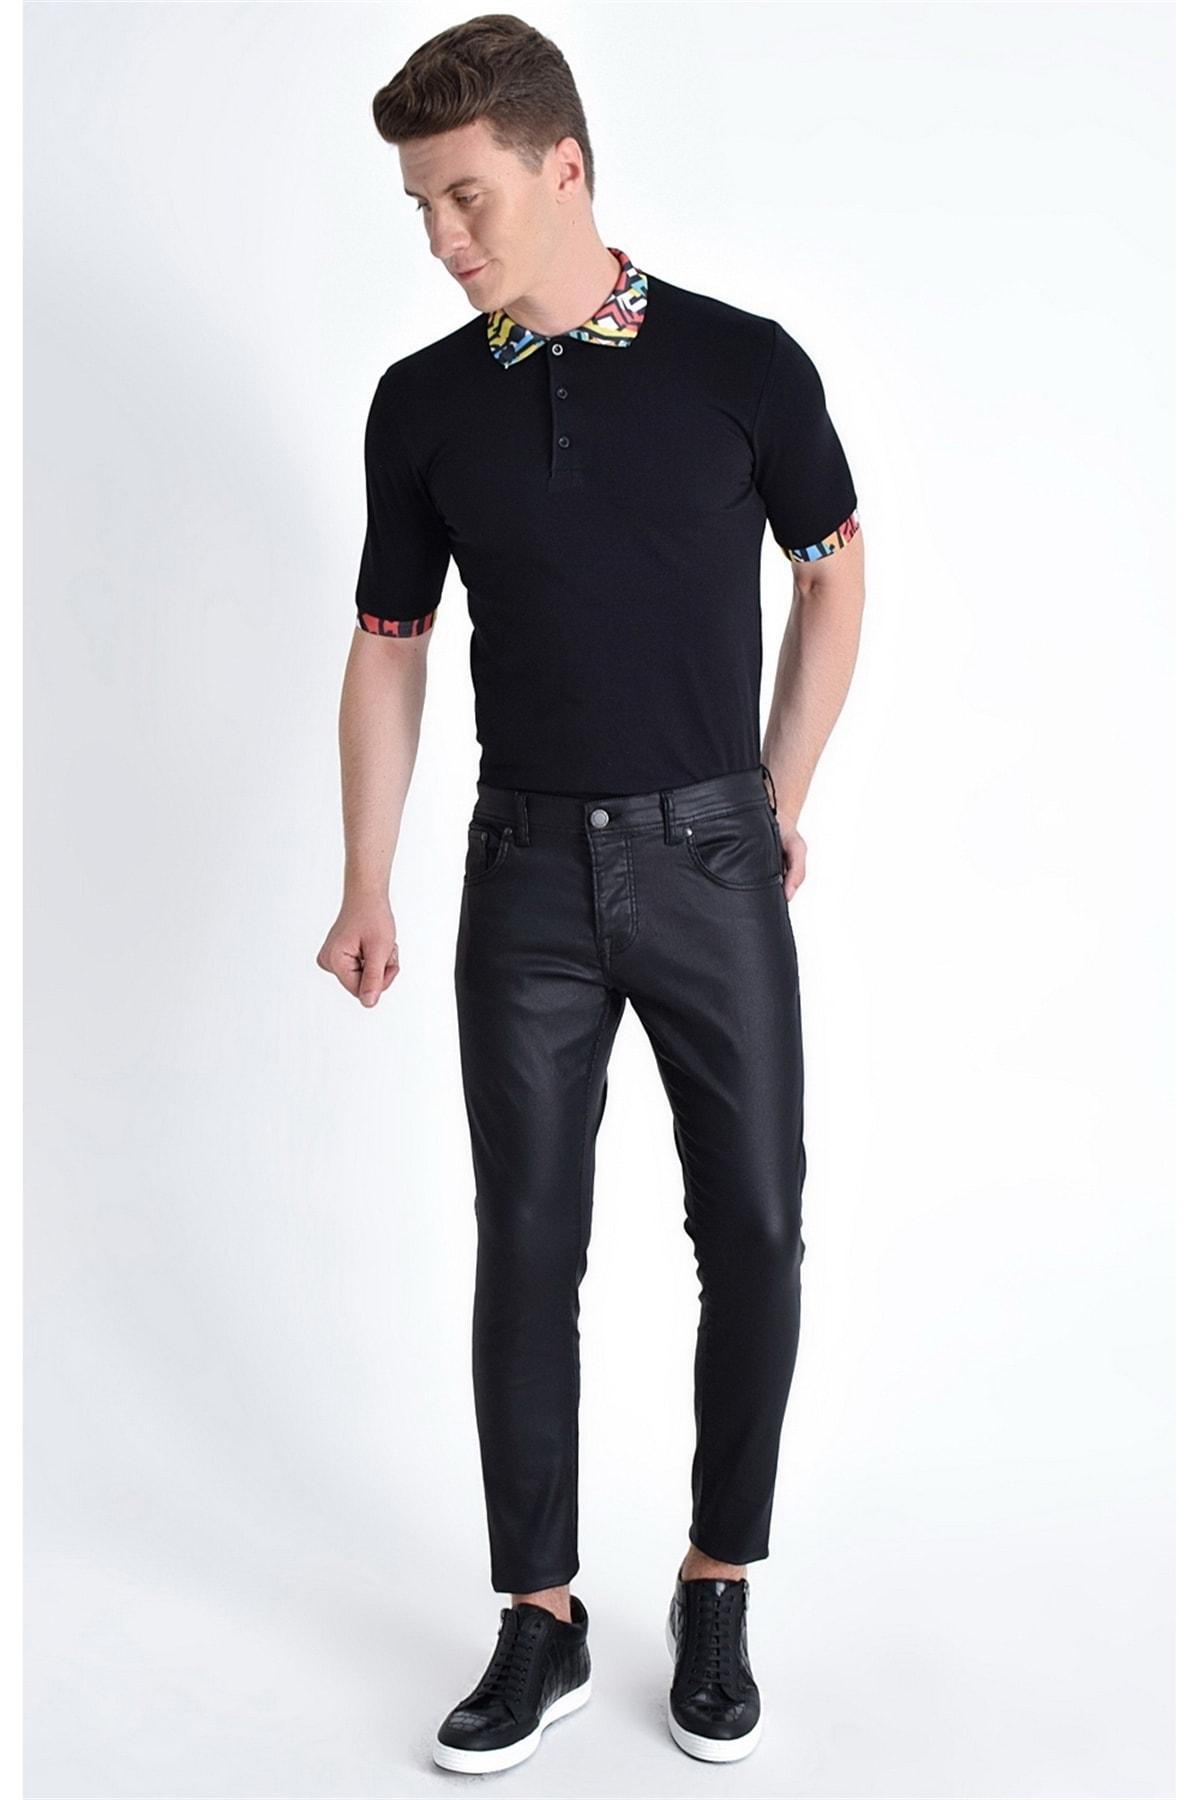 Efor 032 Slim Fit Siyah Jean Pantolon 1